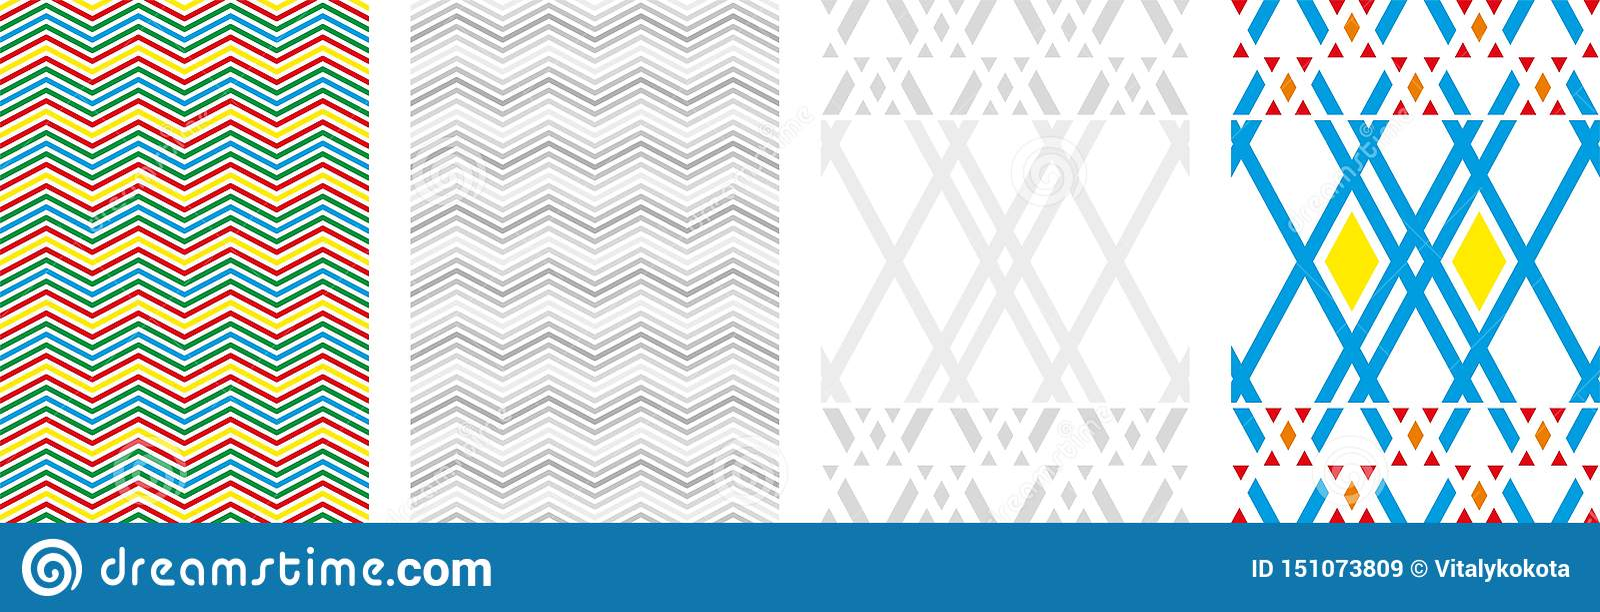 Abstrakter Kastenhintergrund des Vektors Moderne Technologieillustration mit quadratischer Masche Geometrische Abstraktion Digita